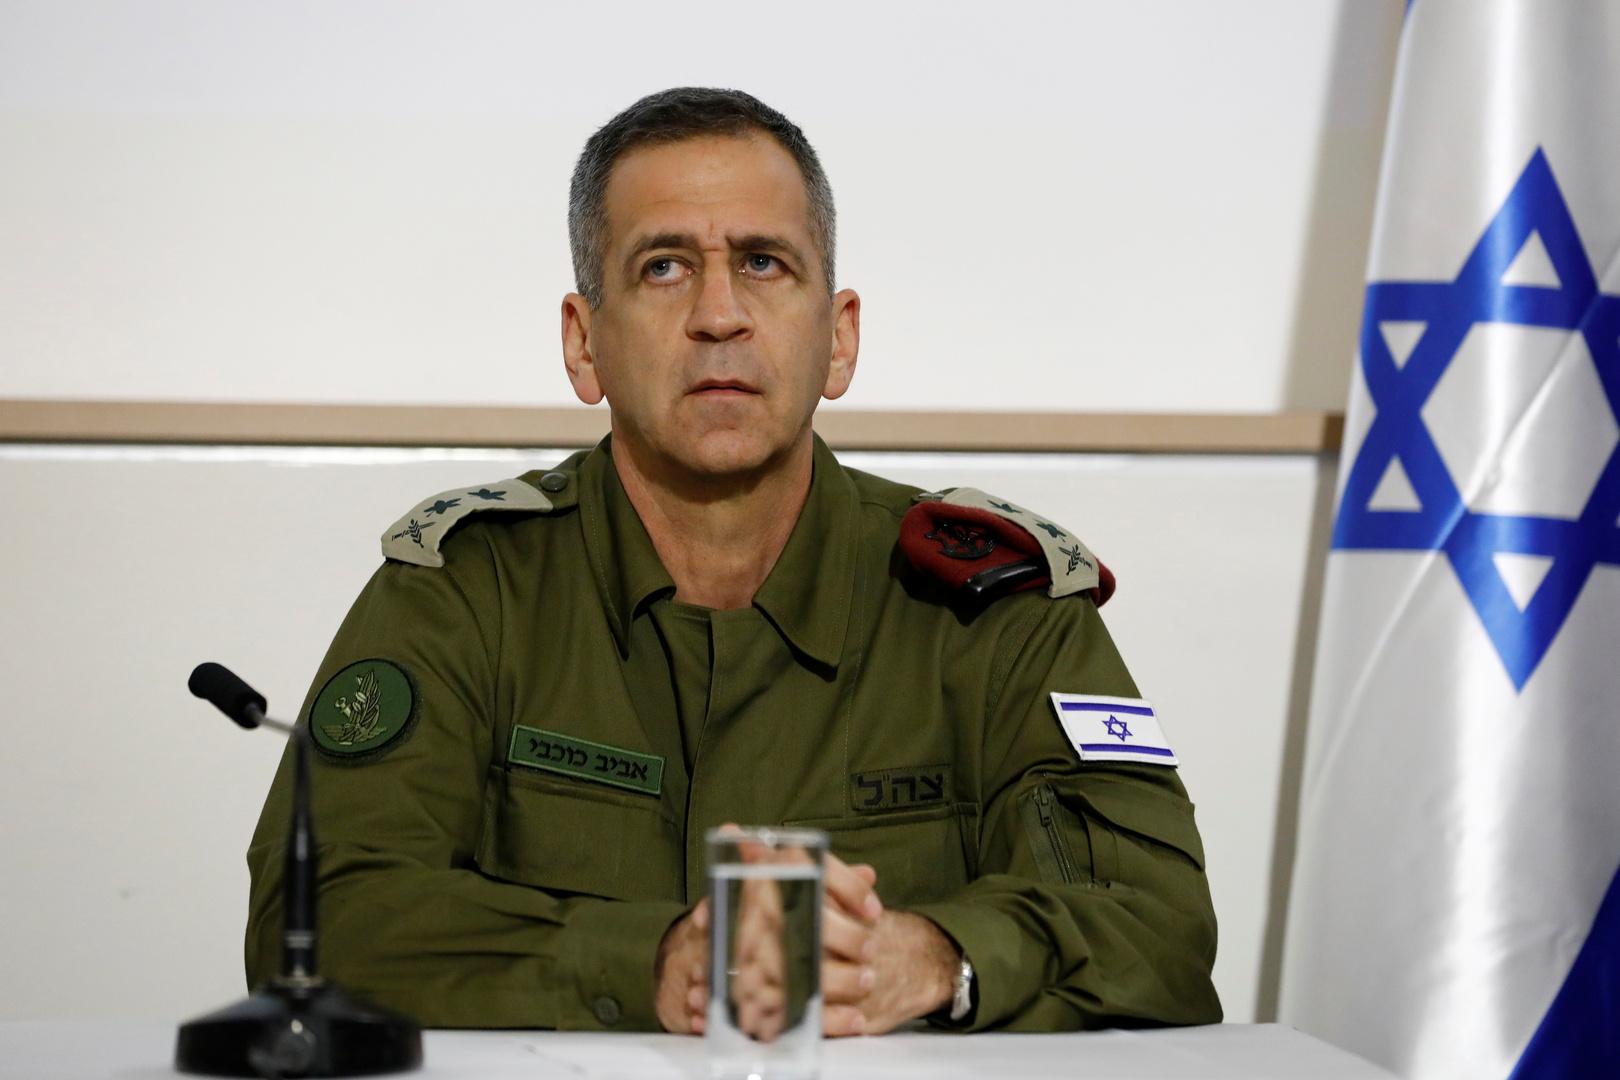 رئيس أركان الجيش الإسرائيلي أفيف كوخافي، أرشيف